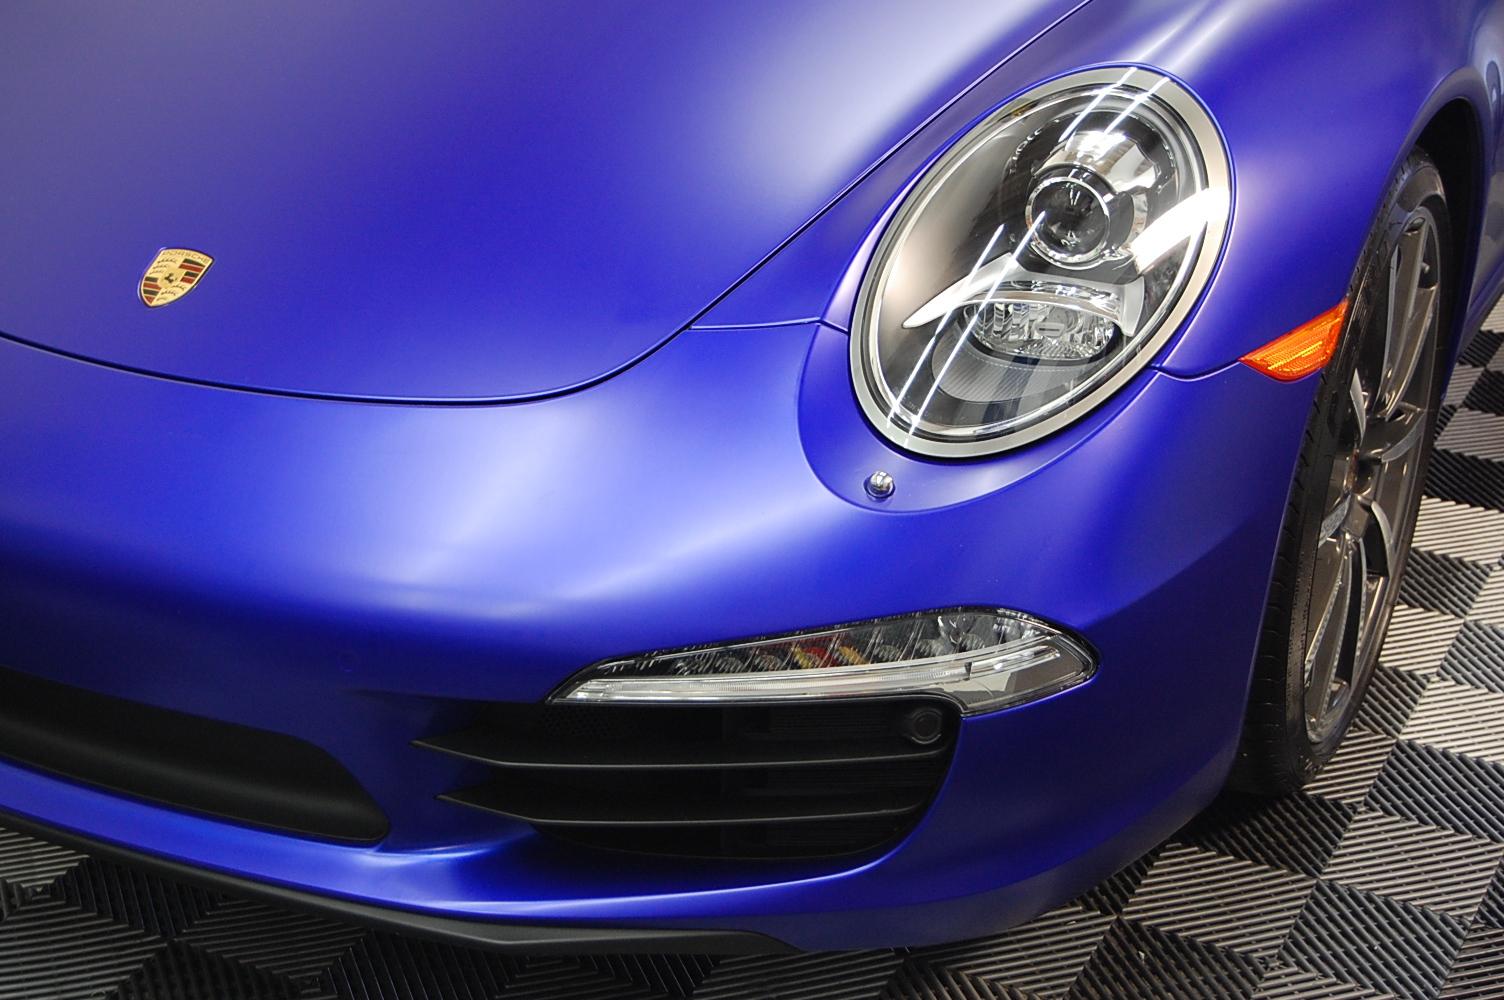 Satin mystique blue car wrap